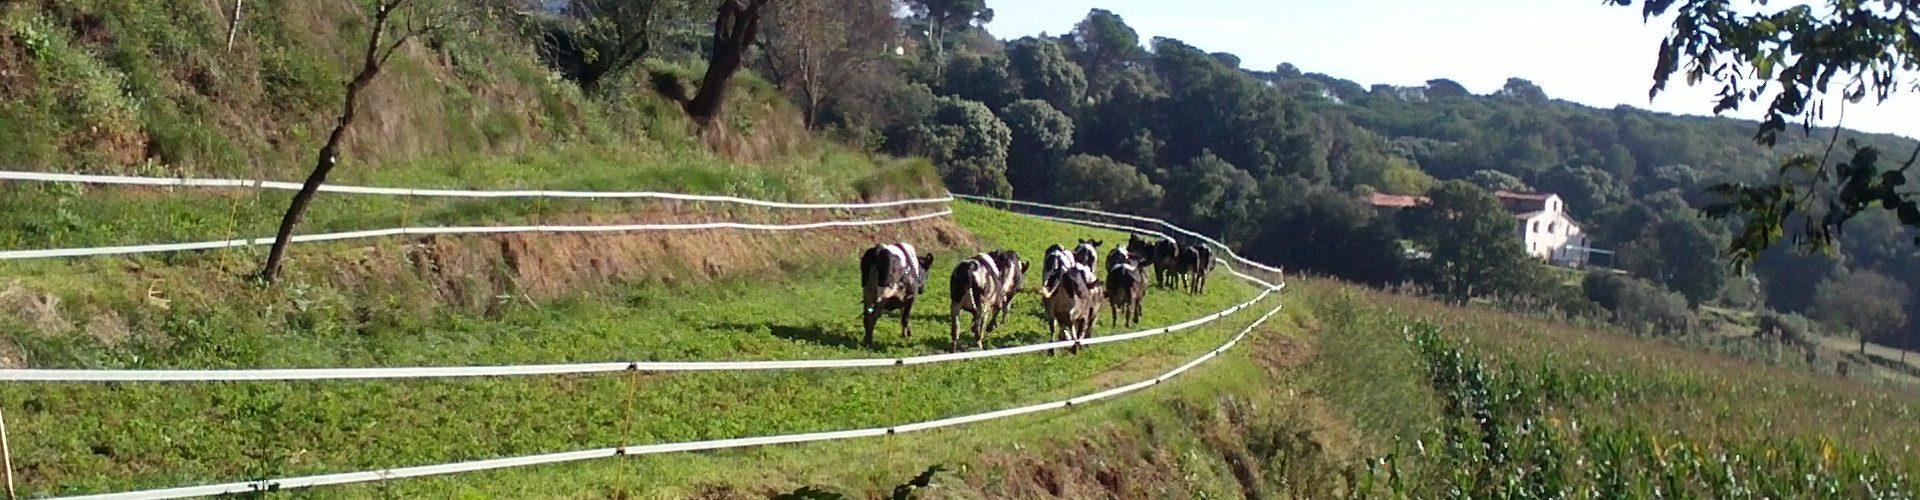 Slider vacas